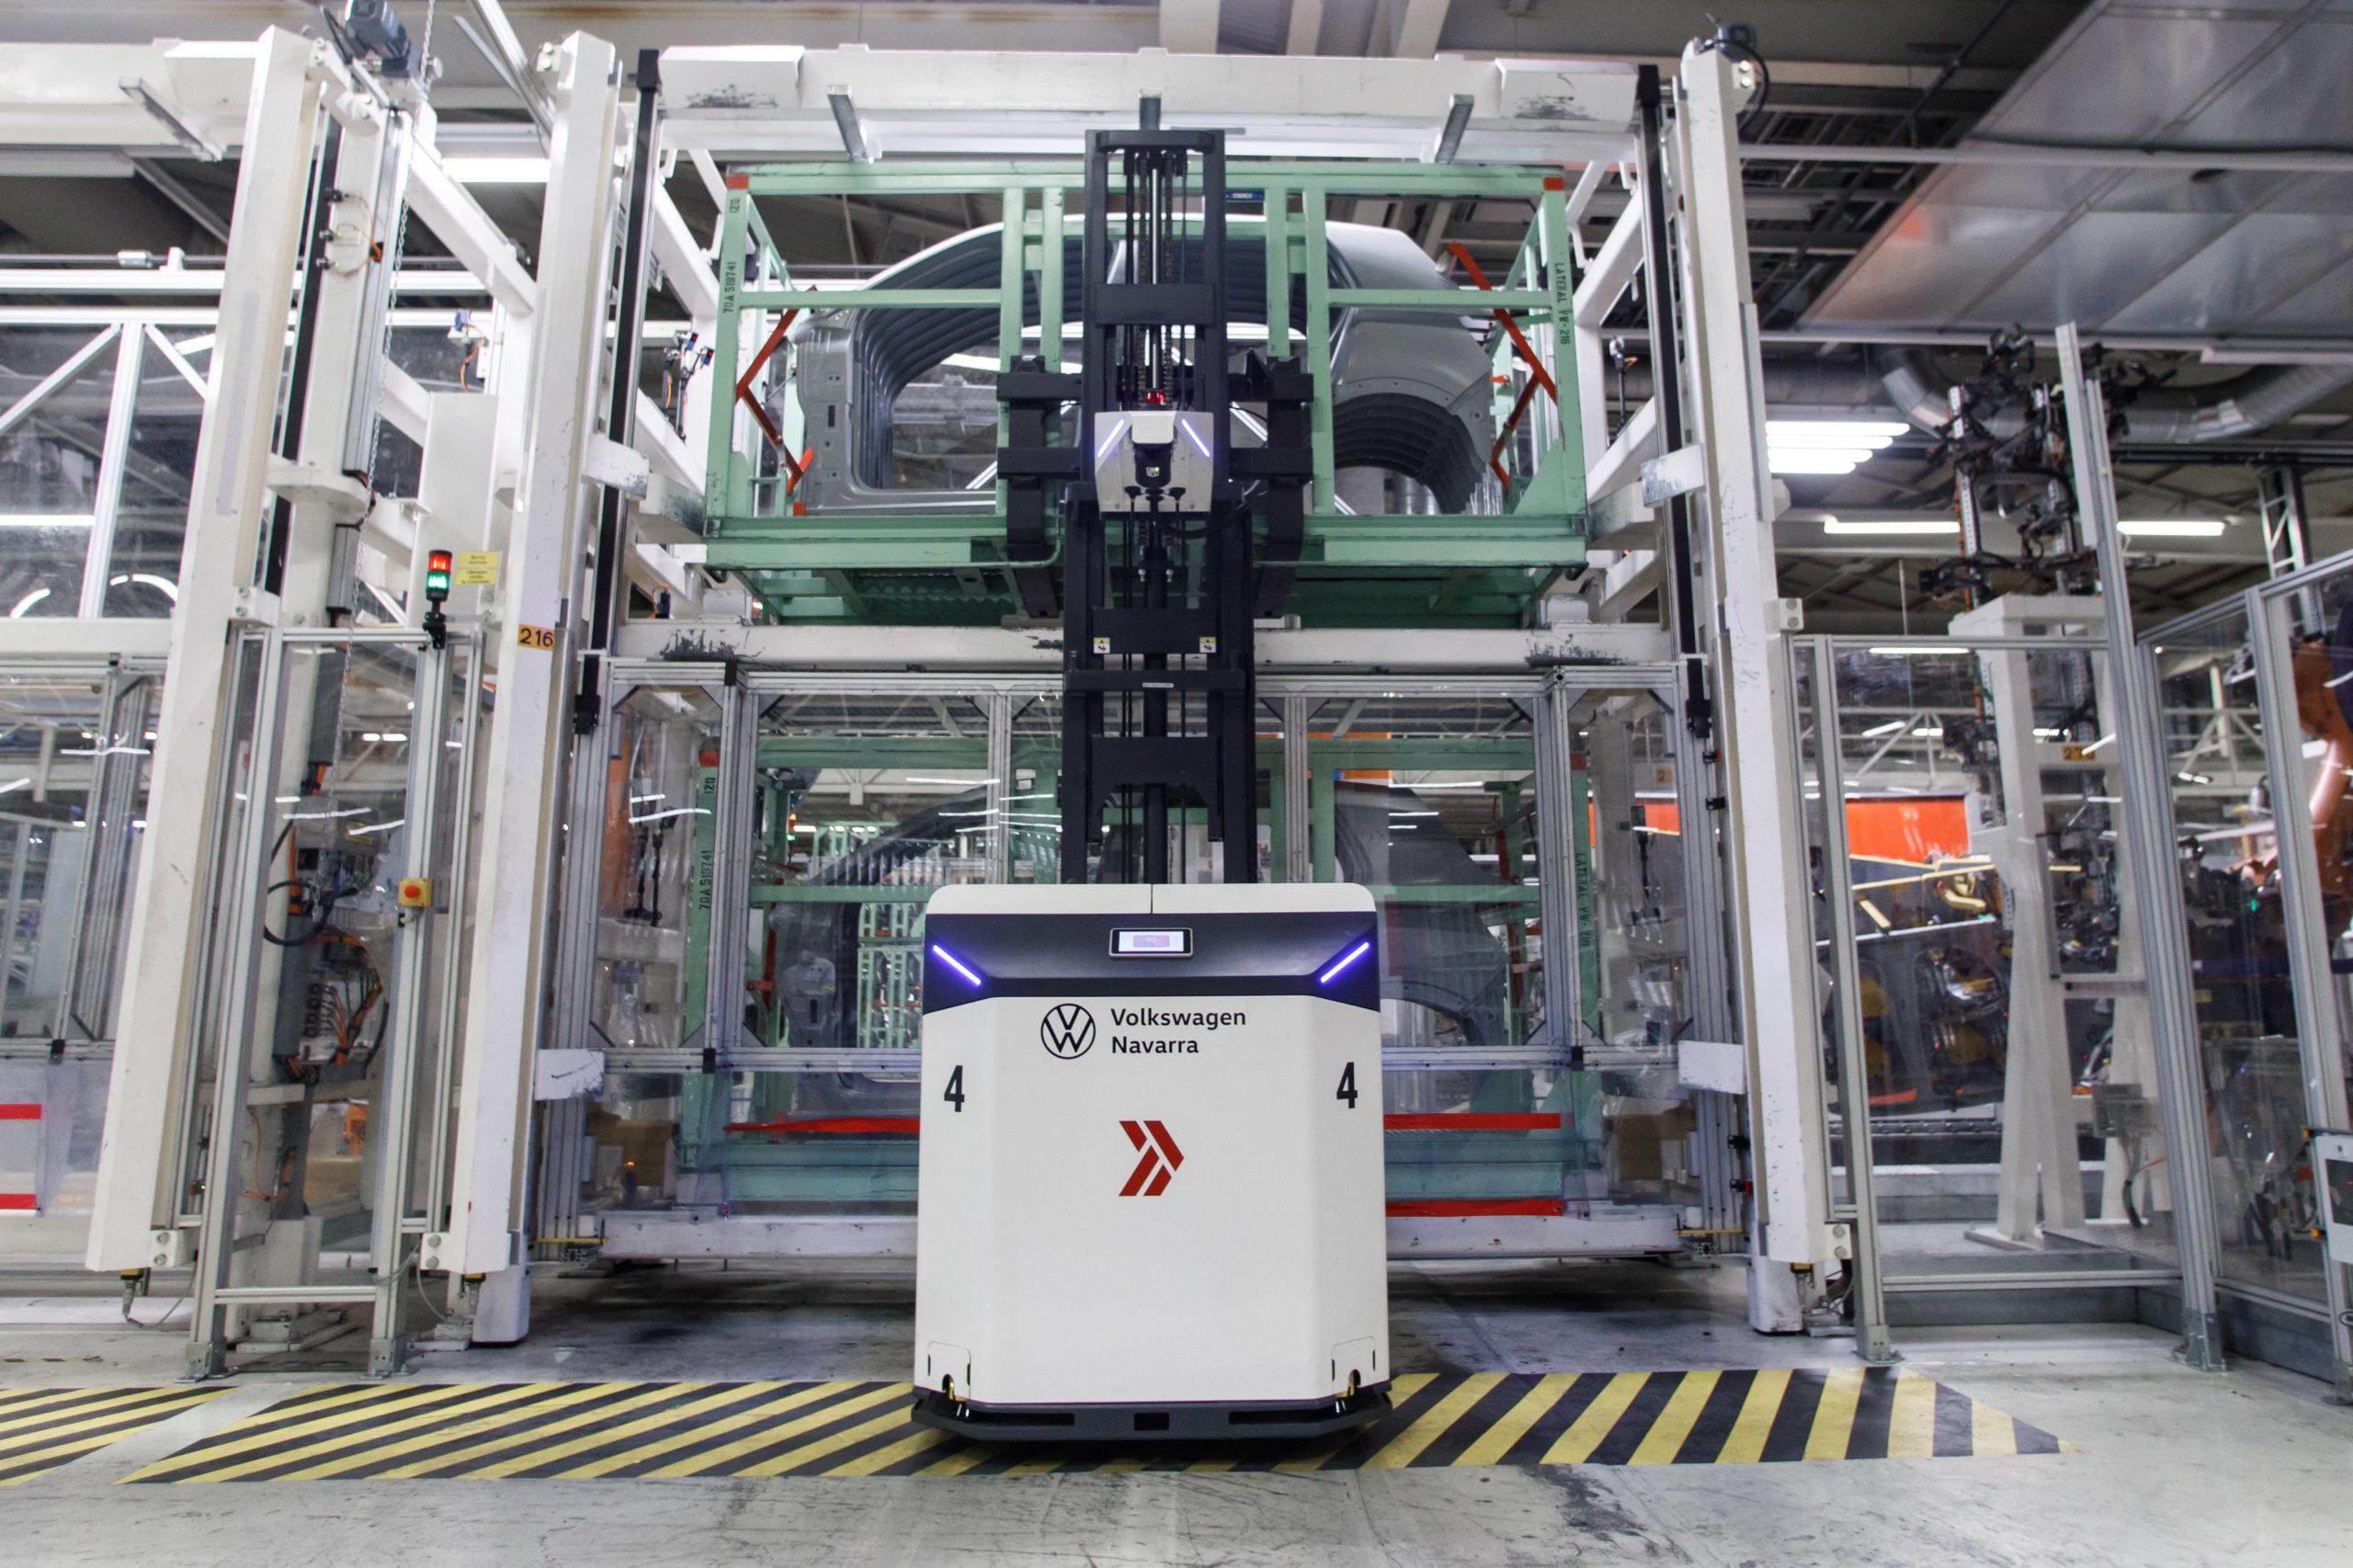 Volkswagen Navarra incorpora cuatro vehículos autónomos al taller de Chapistería 1